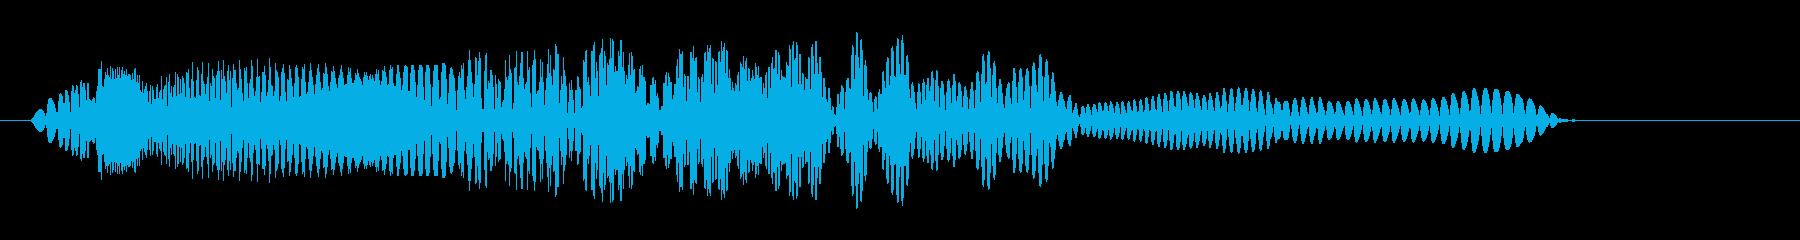 ピューン(鋭い発射音)の再生済みの波形